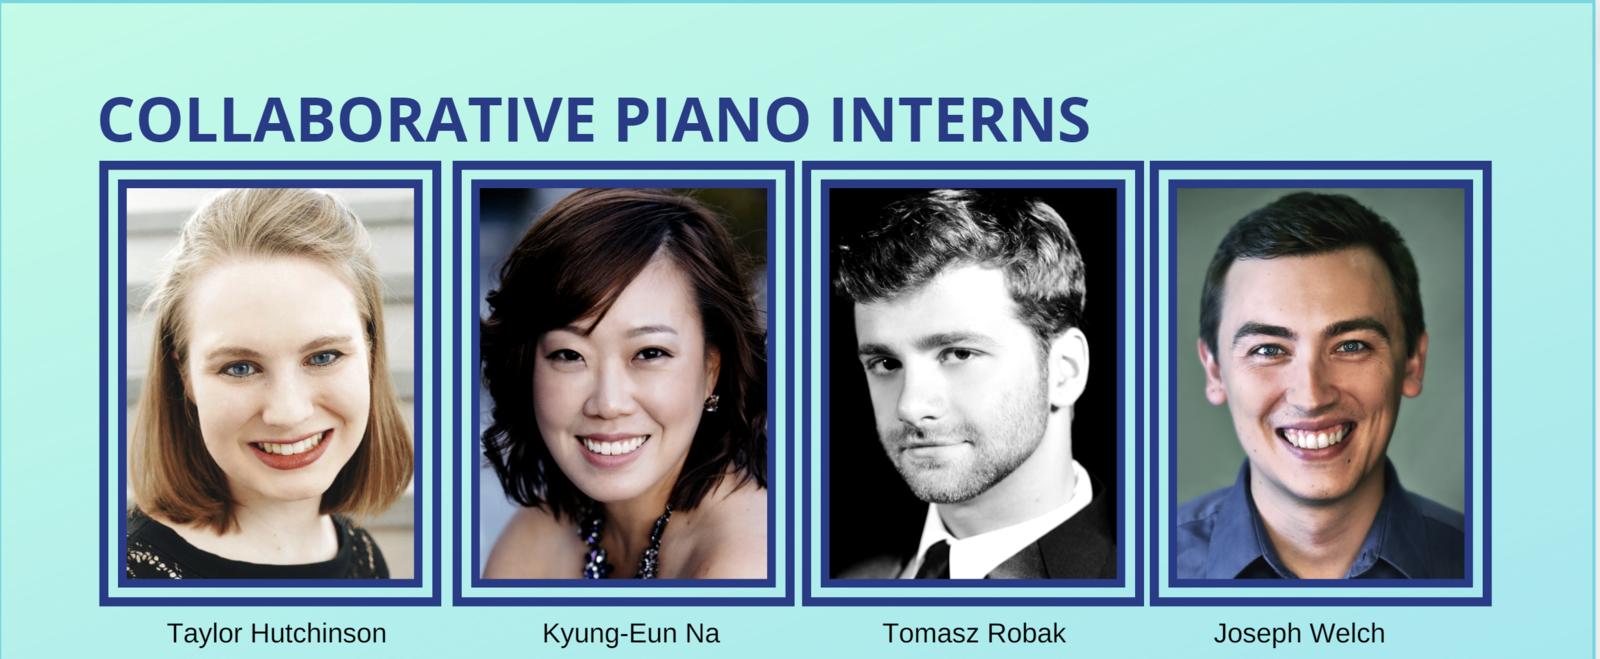 collaborative piano interns 2021